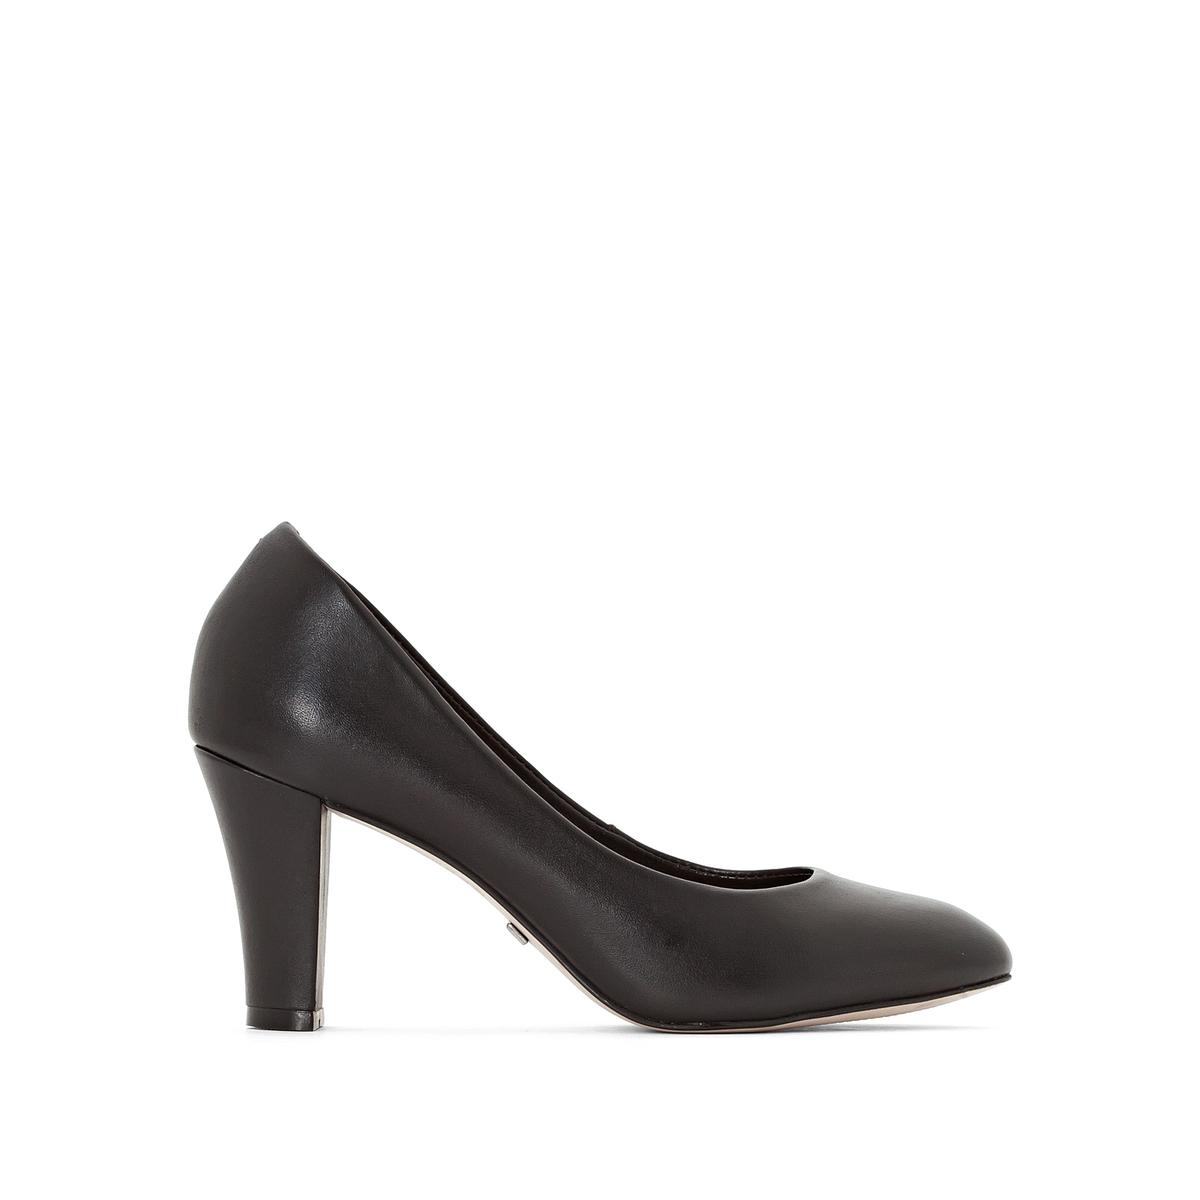 Туфли на каблуке,  ZS5700Подкладка: Кожа.  Подошва: Синтетический материал.                      Высота каблука: 8 см.Форма каблука: Широкая.   Мысок: Круглый.   Застежка: Без застежки.<br><br>Цвет: черный<br>Размер: 38.39